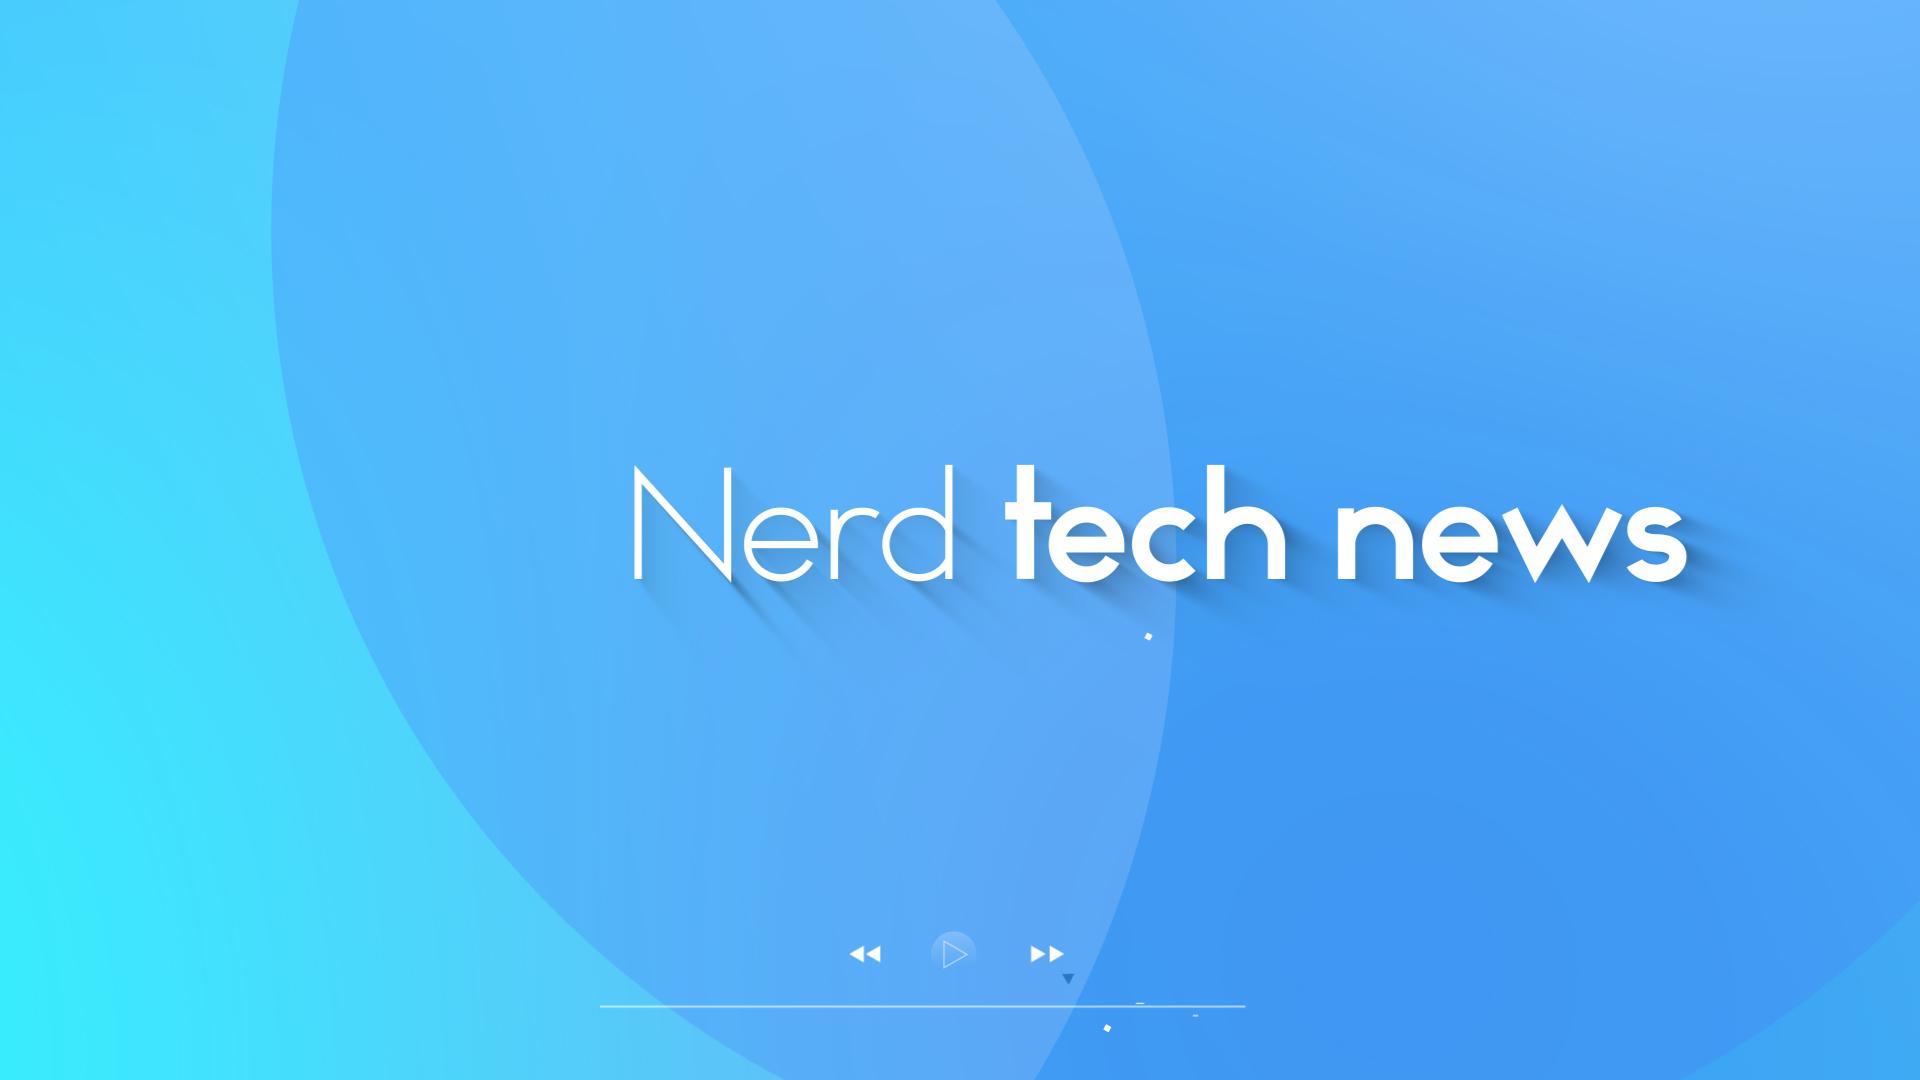 nerd tech news.jpg